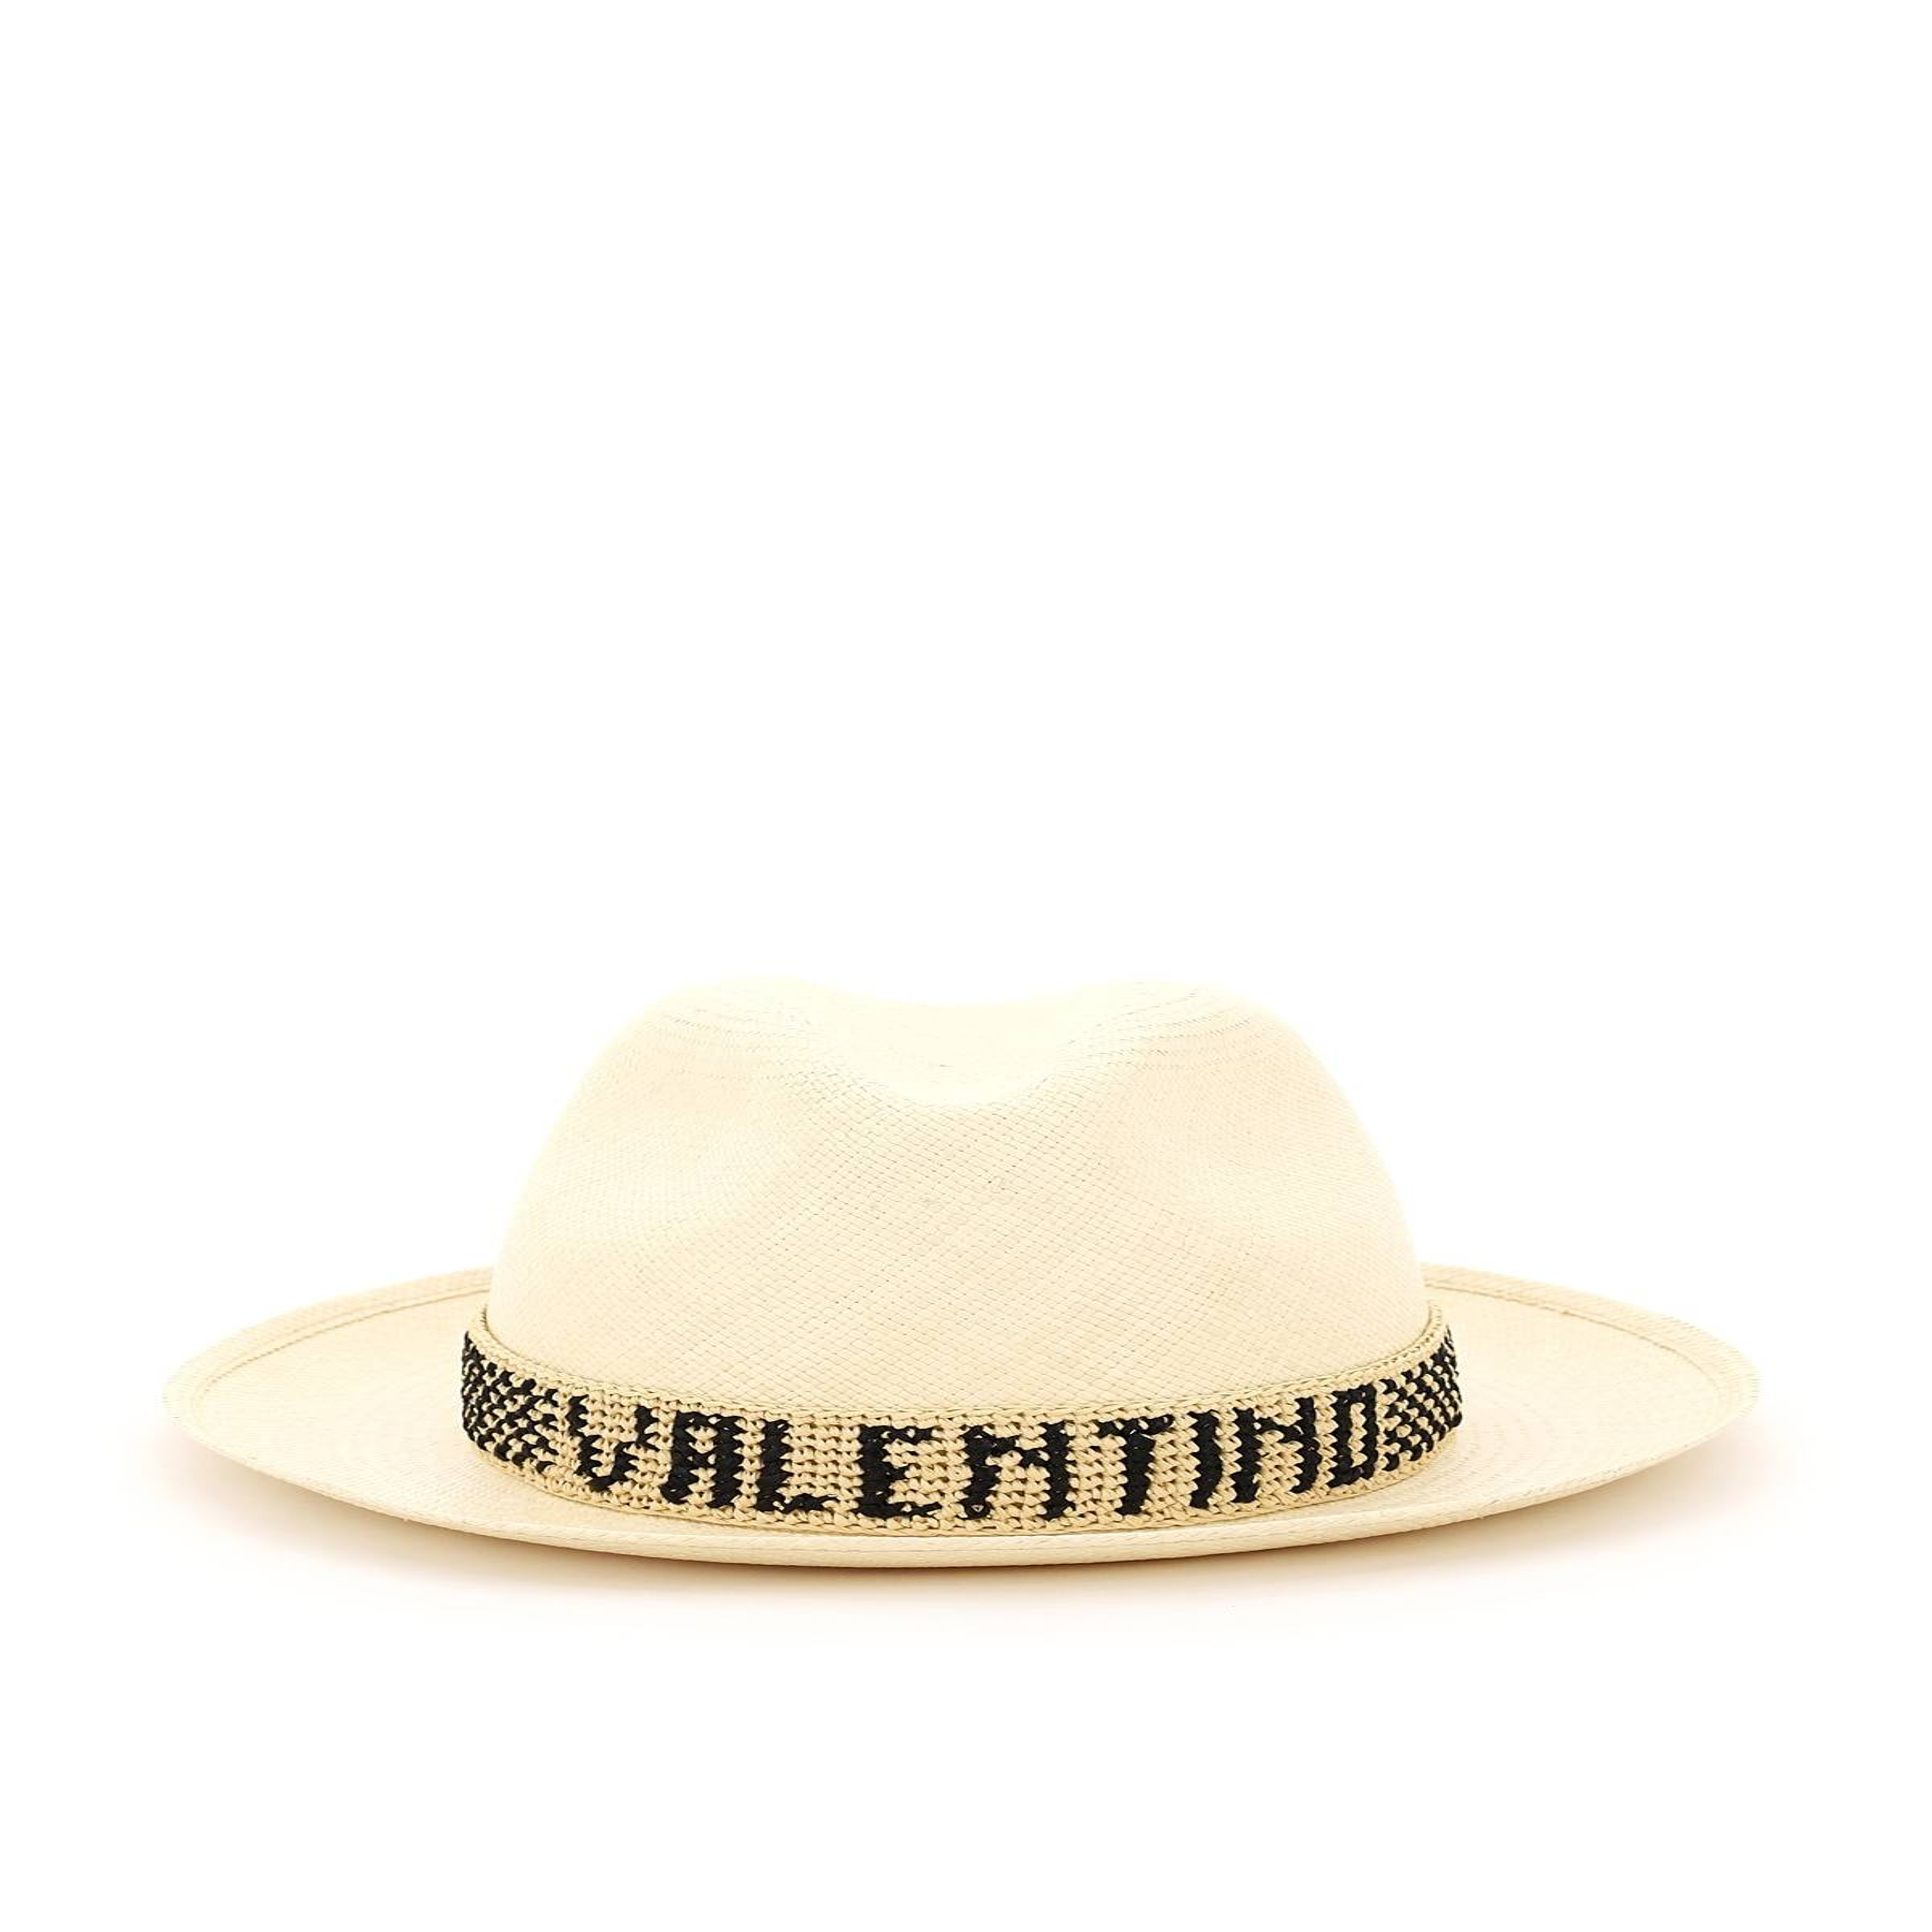 valentino garavani cappello fedora in paglia borsalino x valentino m beige, nero